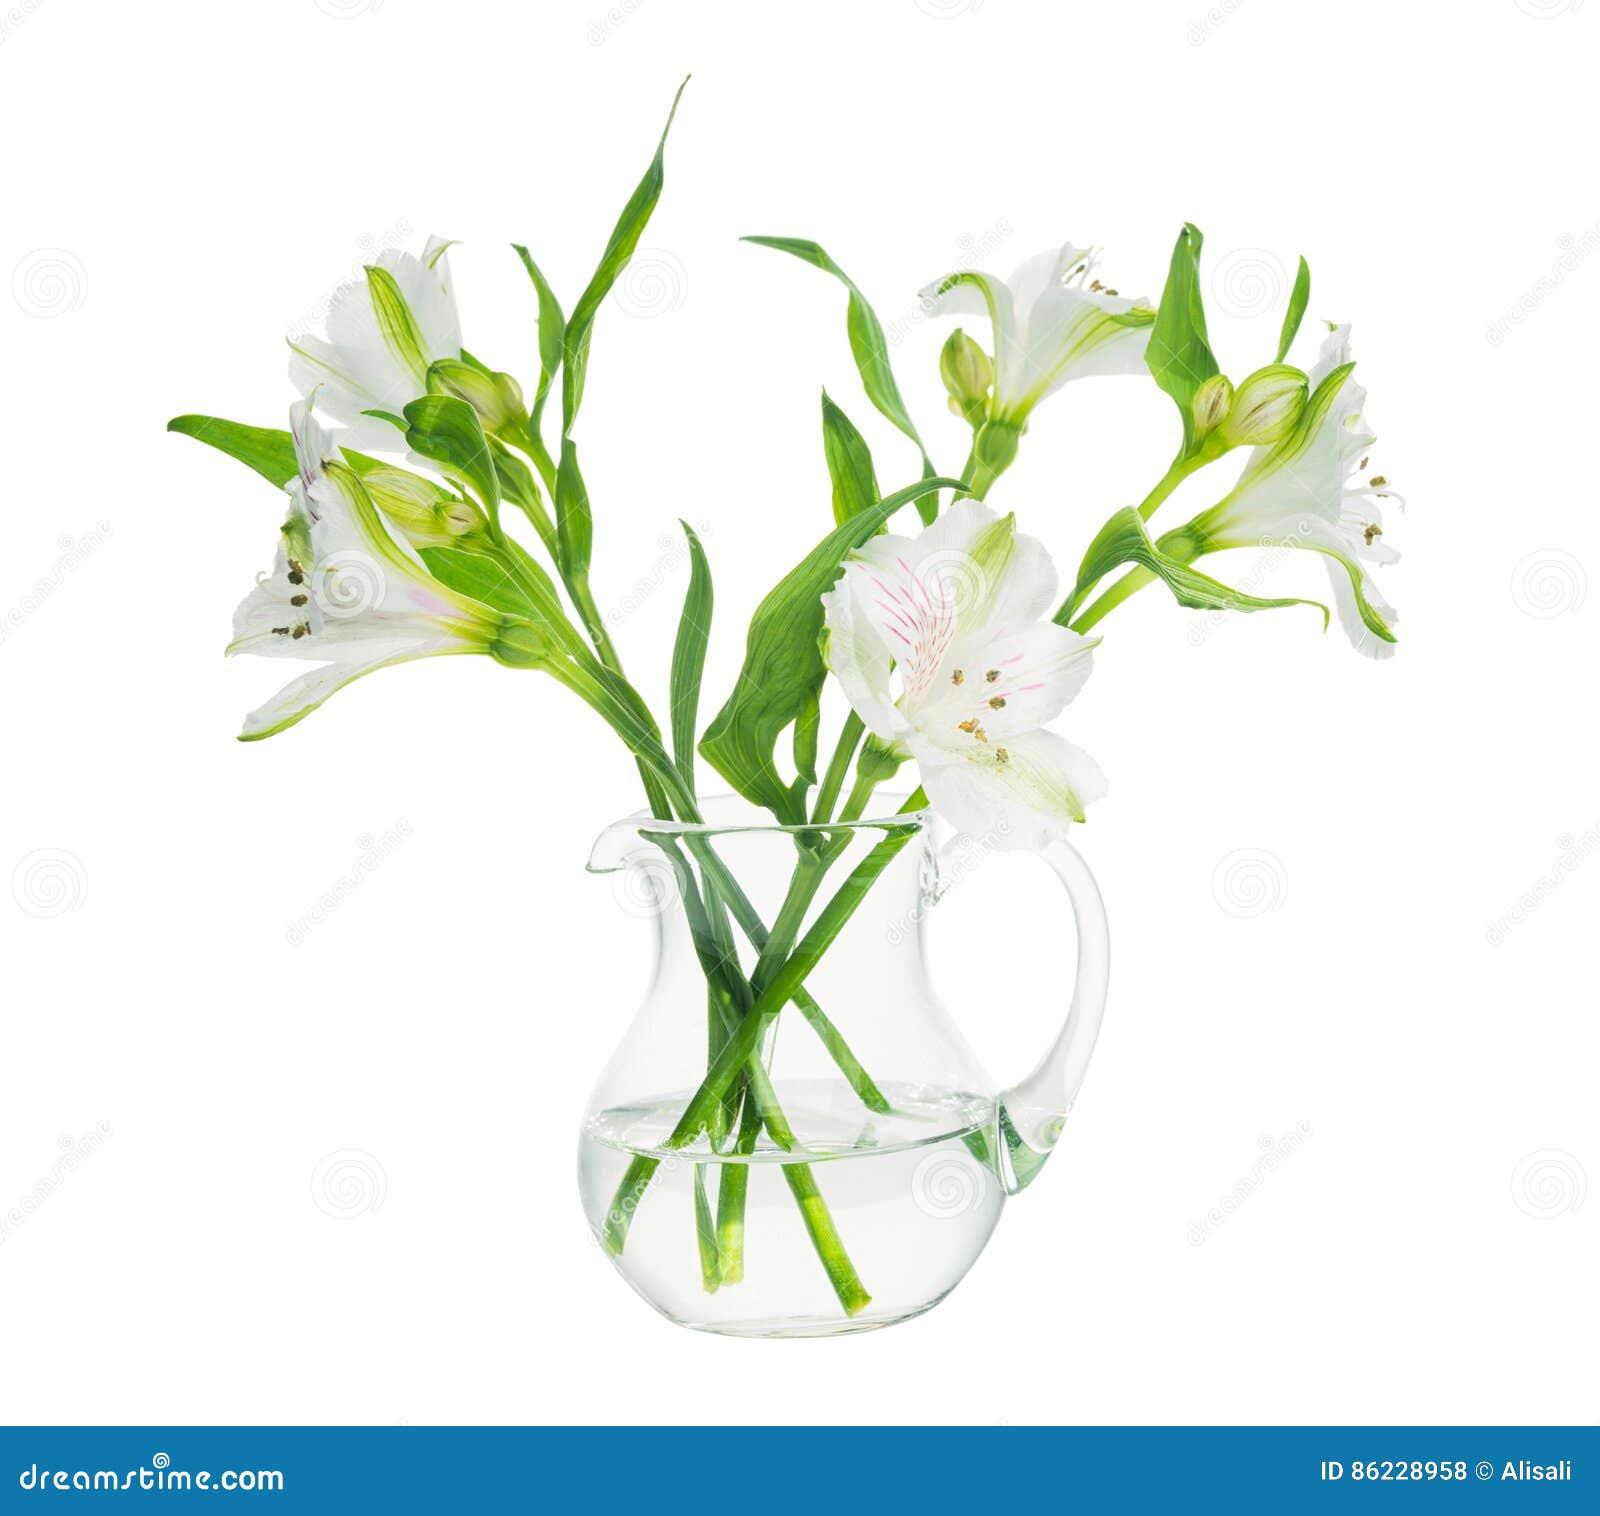 El ramo de alstroemeria florece en el florero transparente aislado